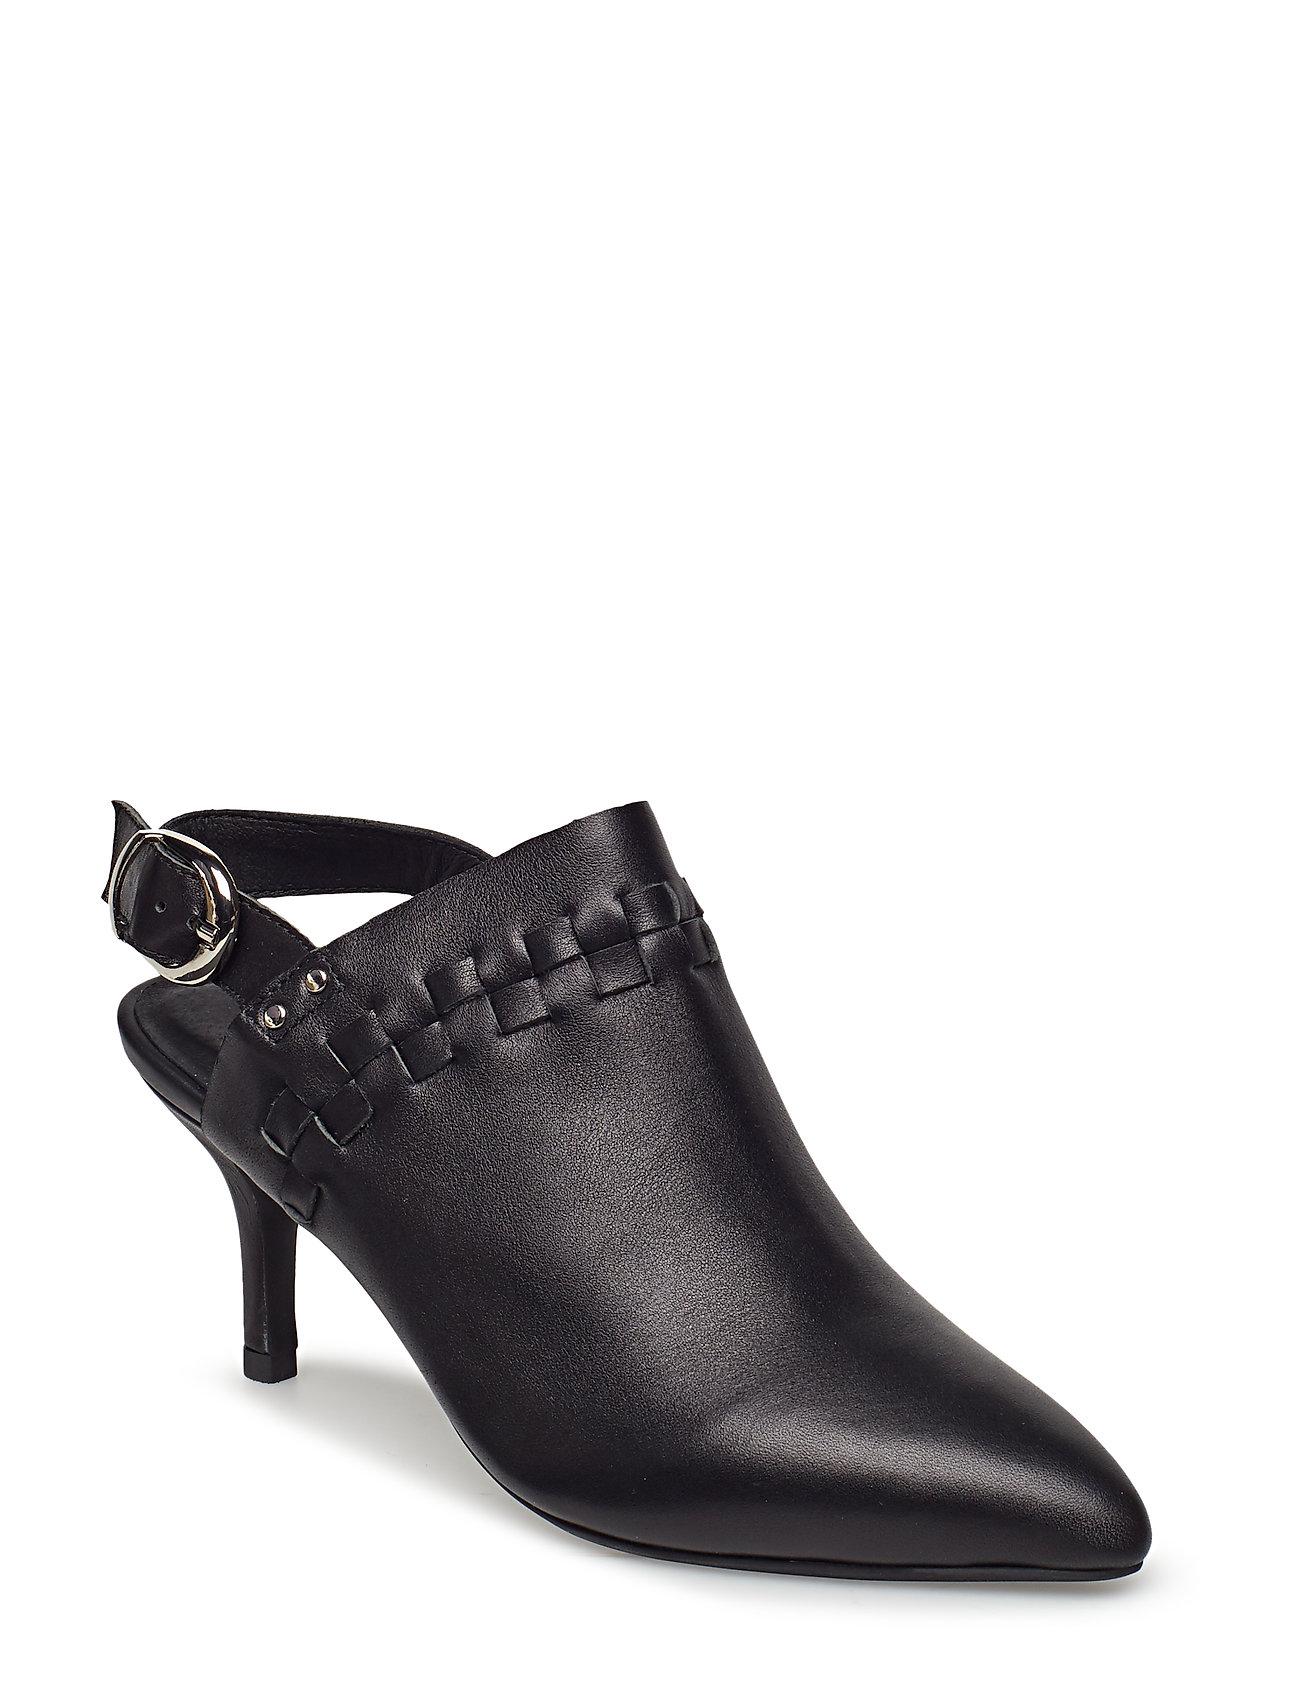 Shoe The Bear AGNETE SLINGBACK L - BLACK